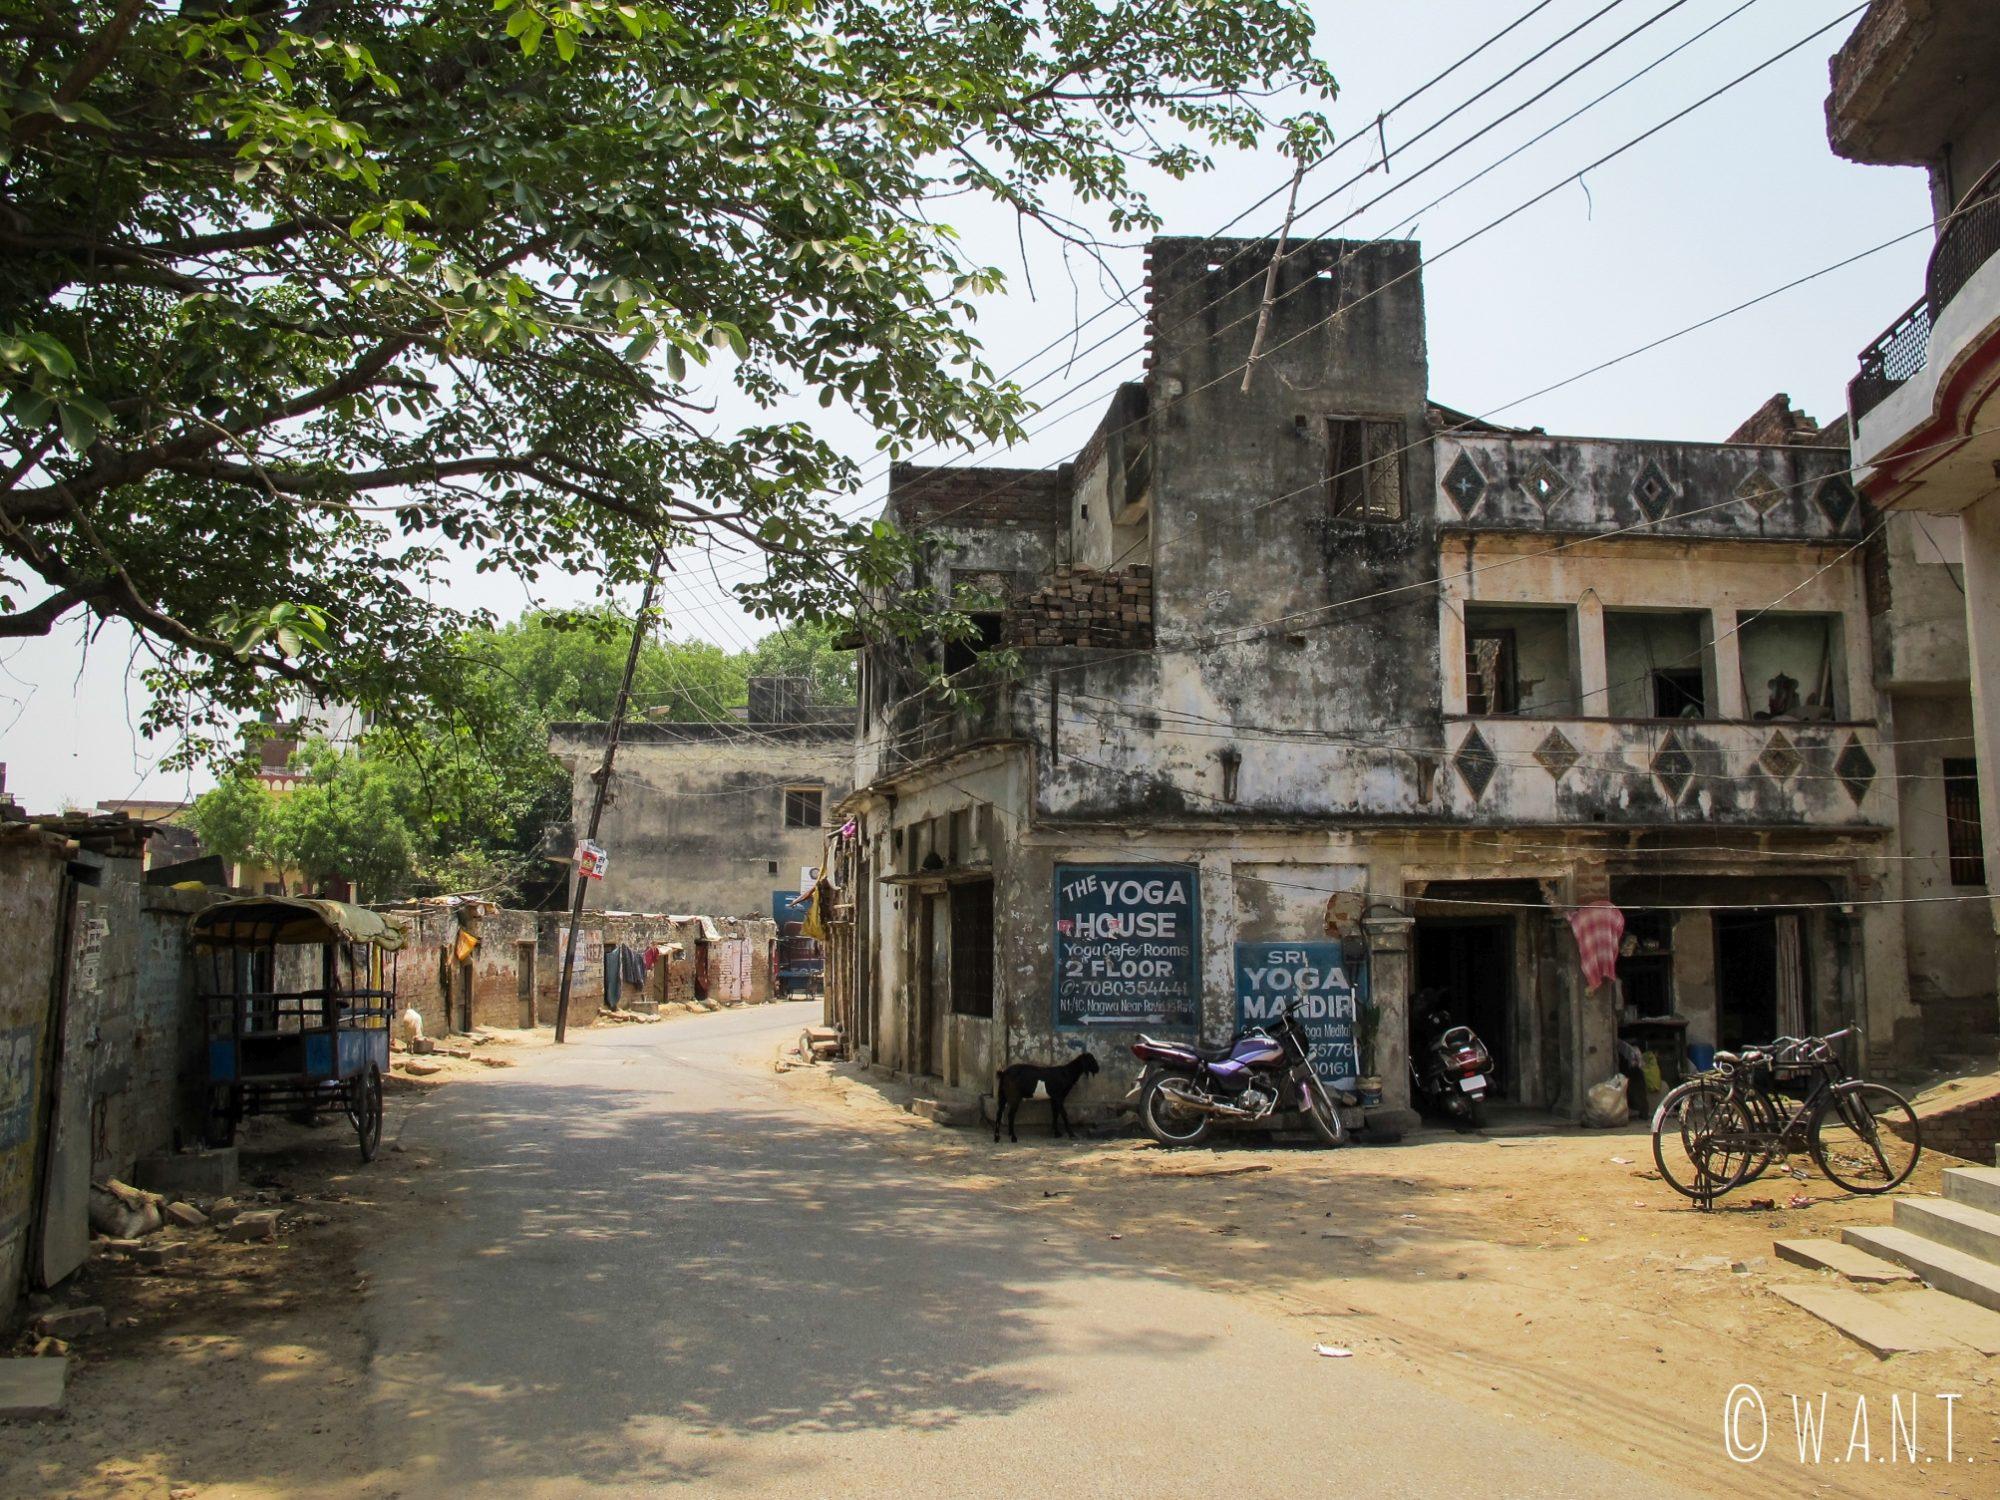 Rue aux abords du Assi ghat situé au sud de Varanasi